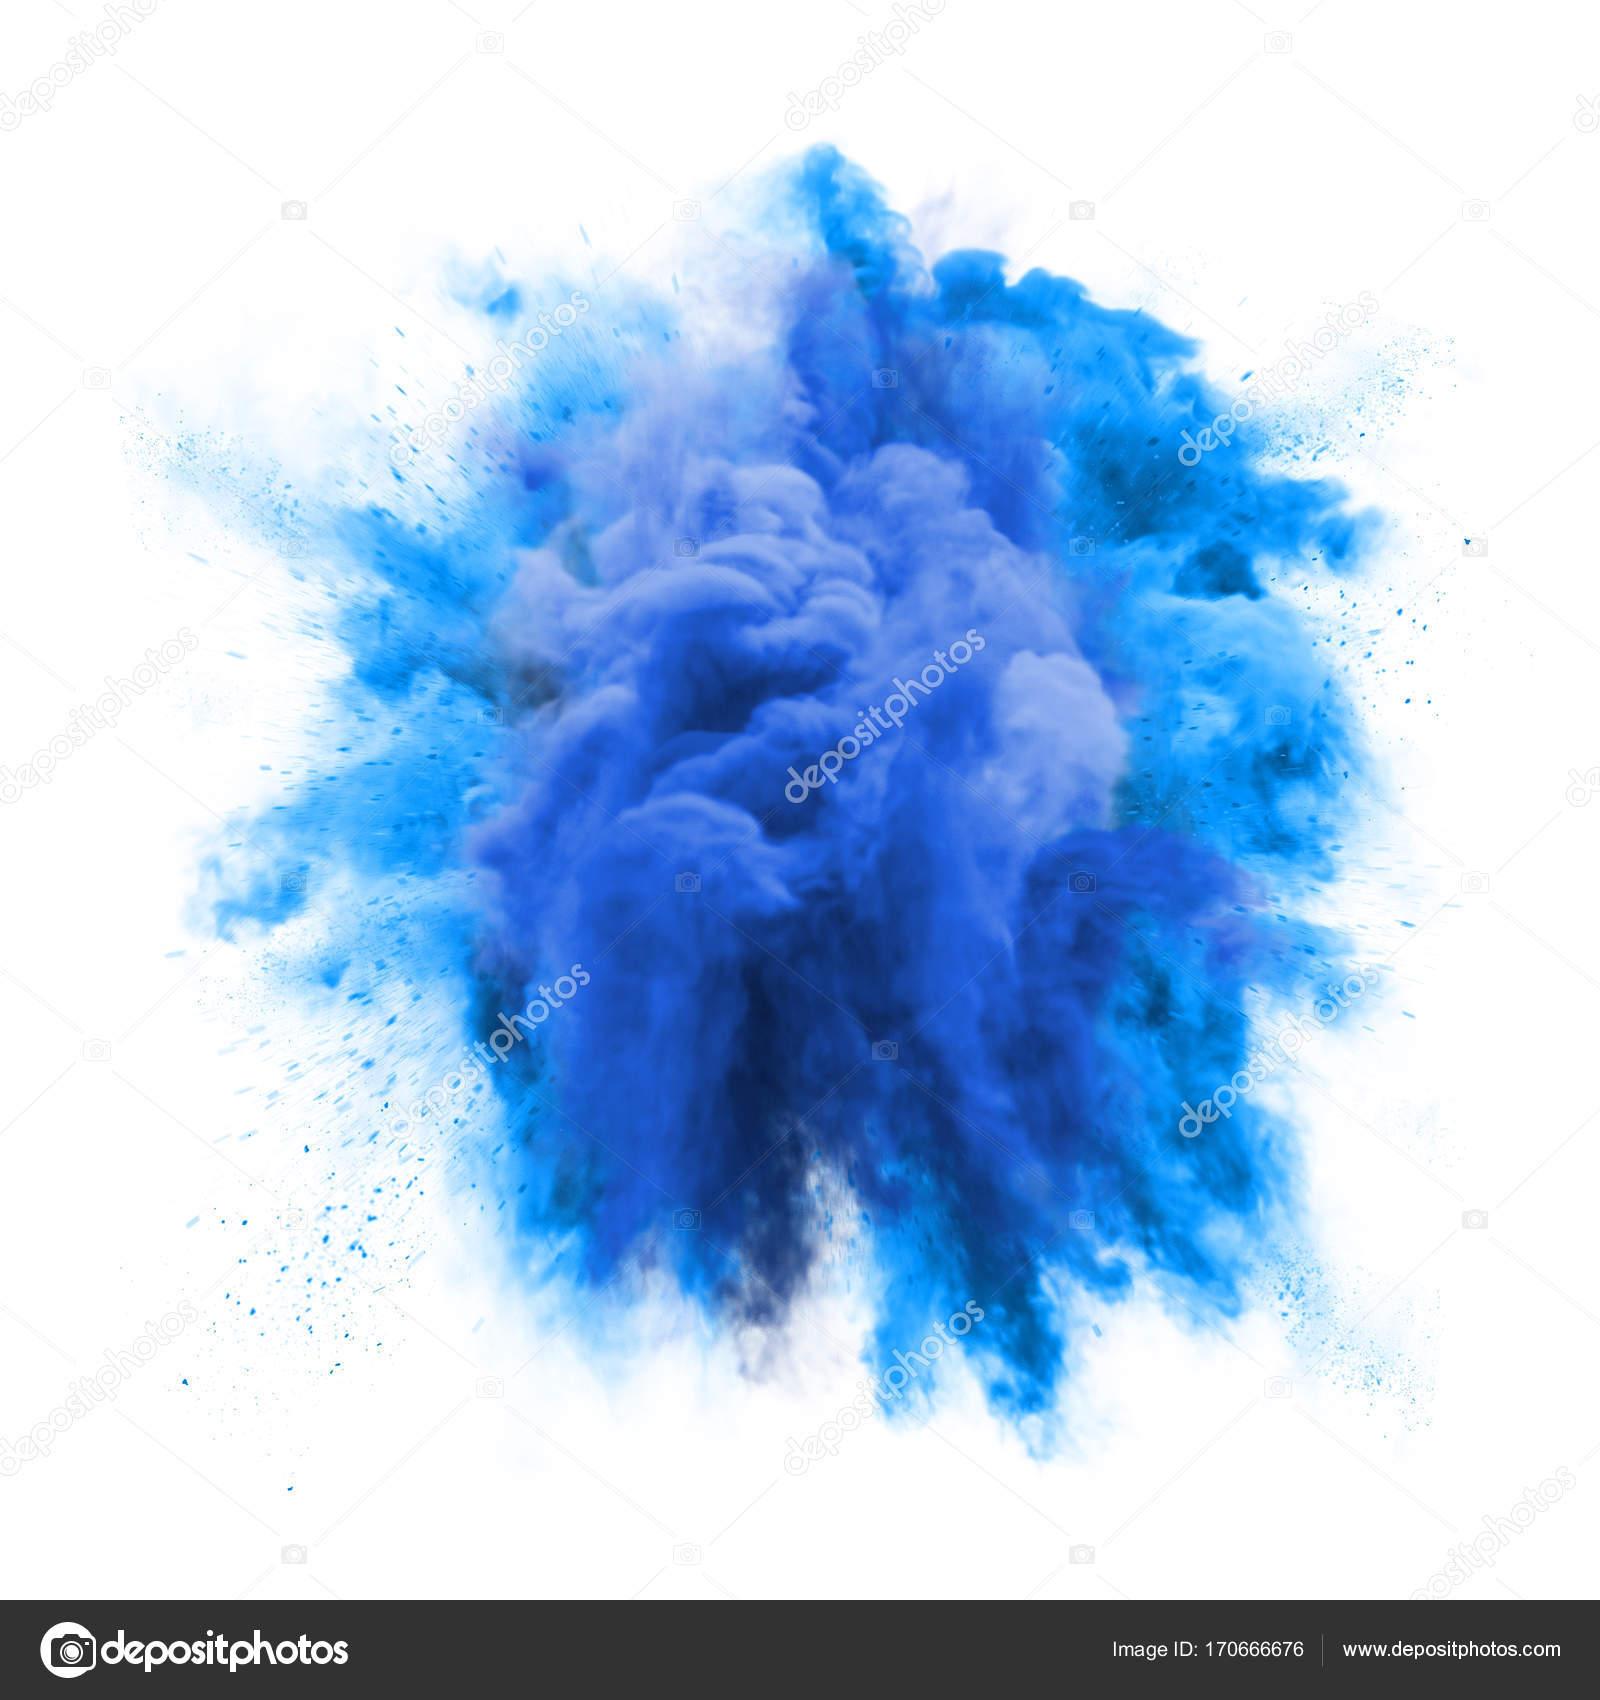 peinture bleu poudre d'explosion particules poussière nuage splash